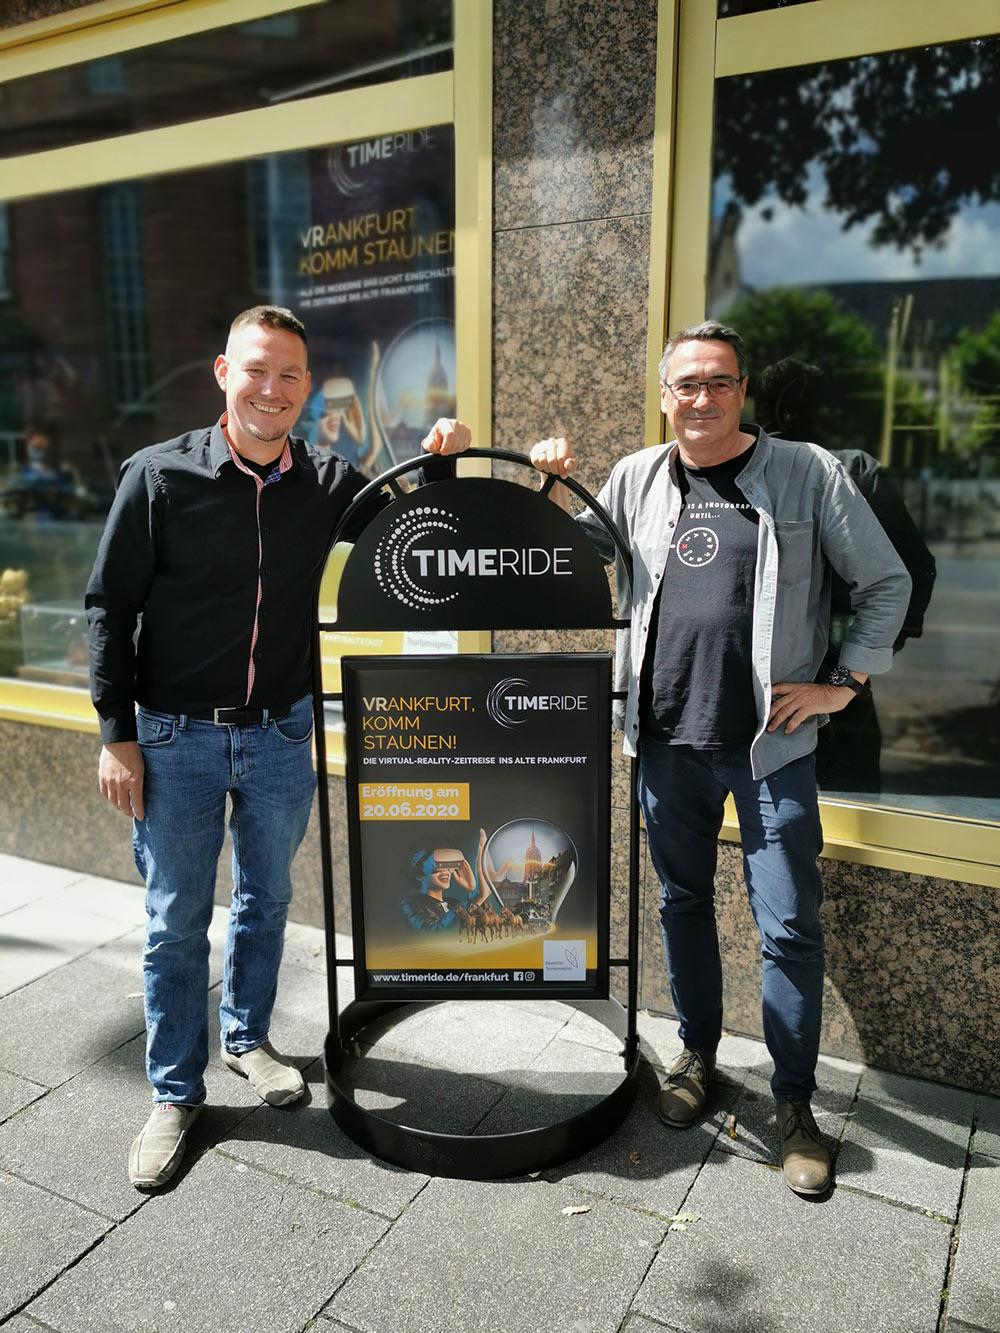 Michael Wutze und Thomas Gessner bei der Eröffnung von TimeRide Frankfurt - 360 Grad Stadtführung - Neue Sehenswürdigkeit in Frankfurt am Main